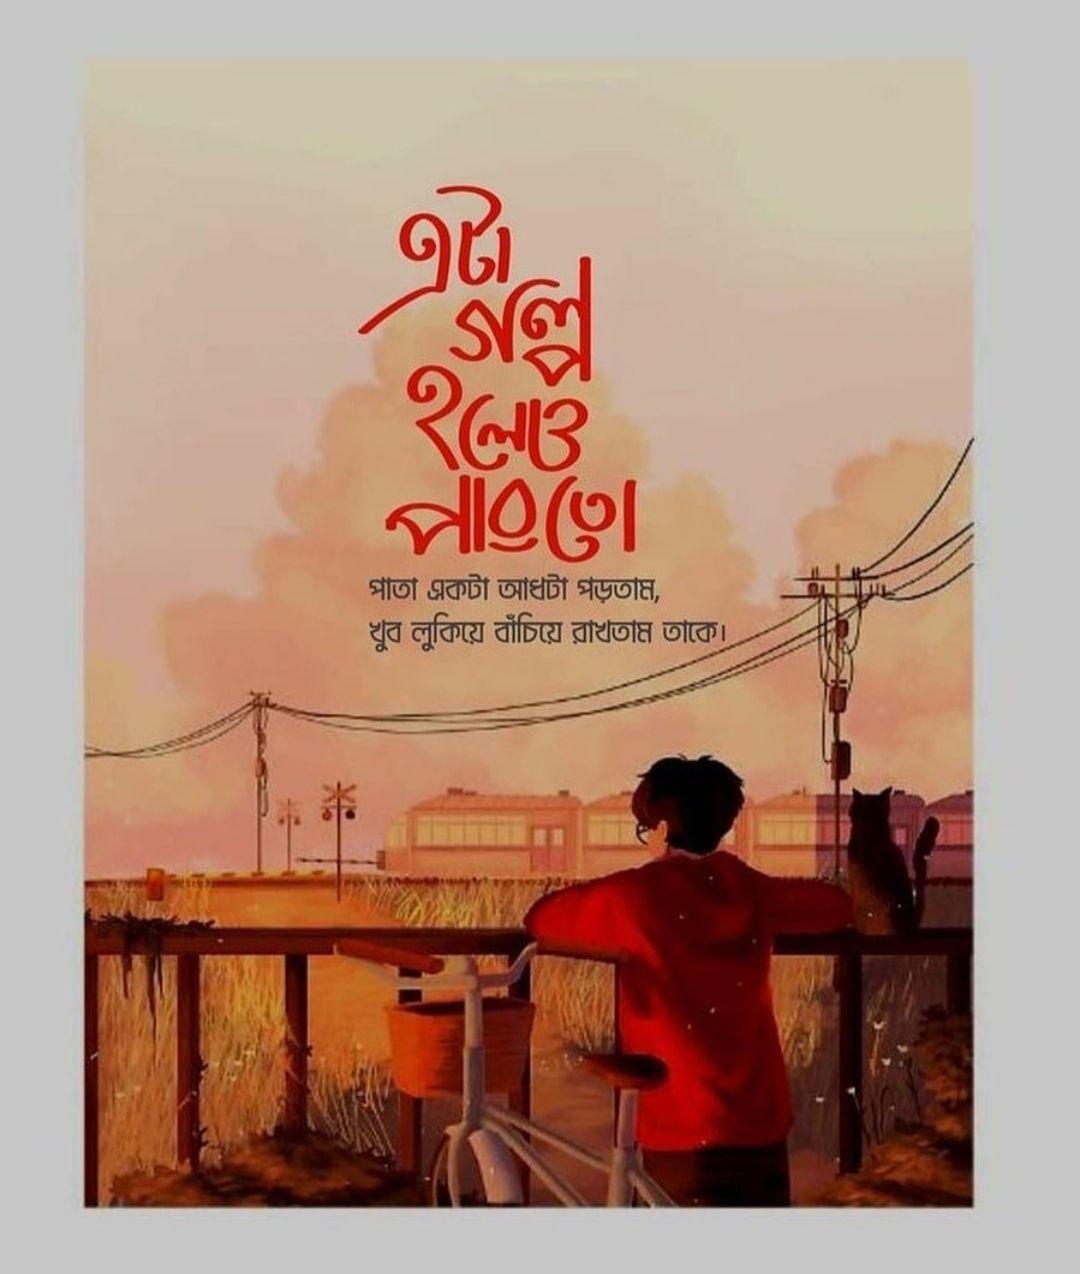 sad status in bengali 2 lines